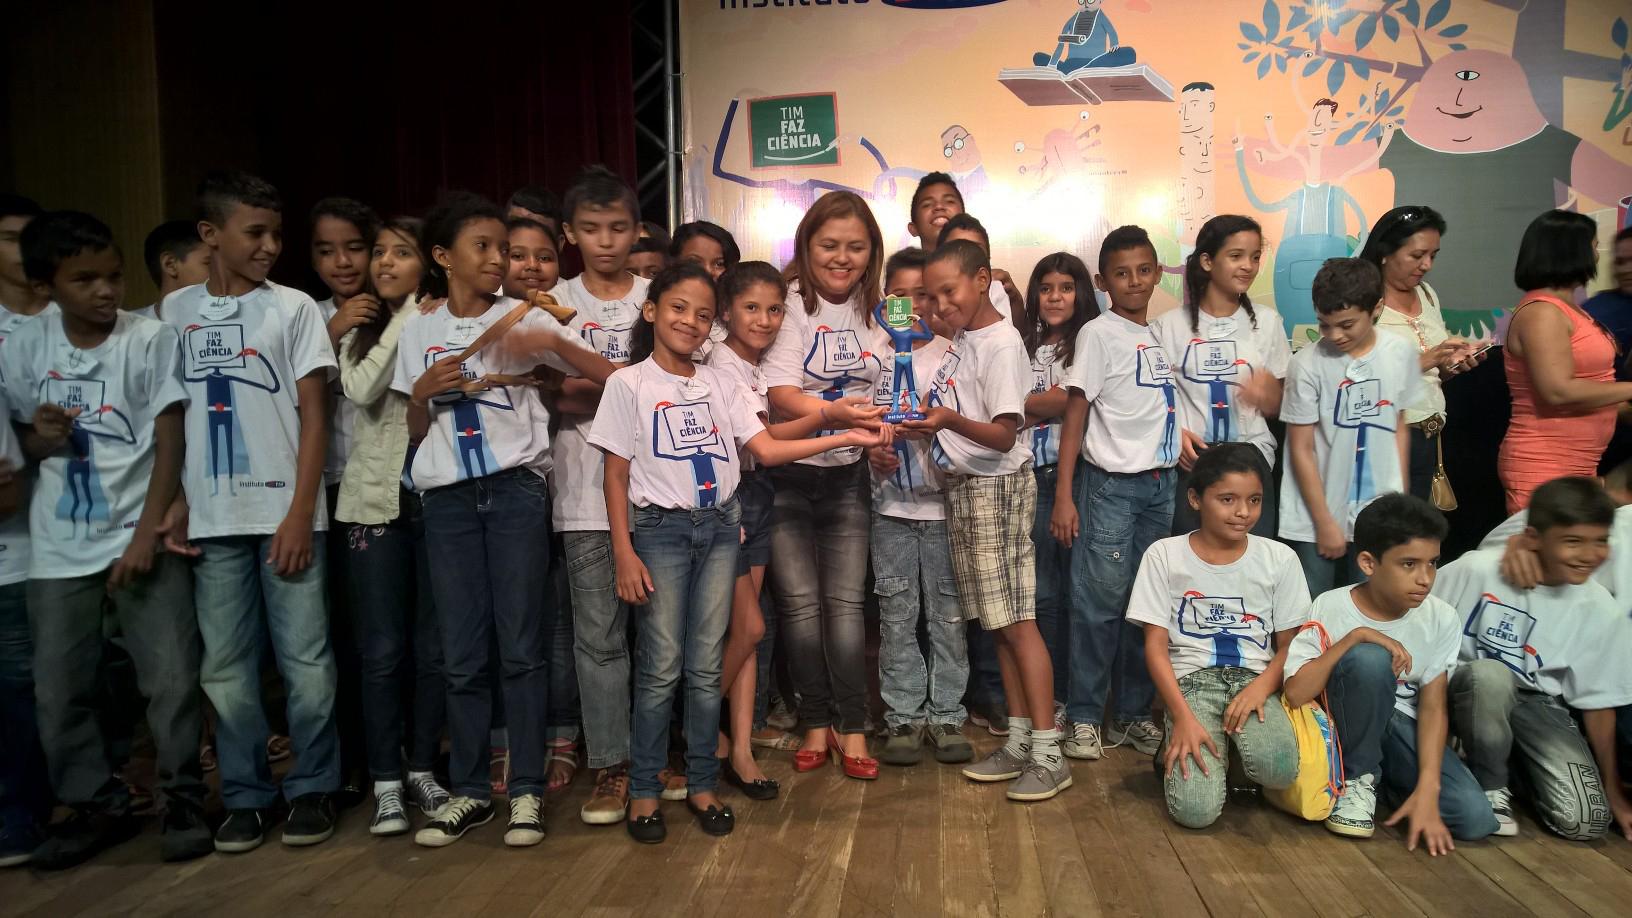 Professor Nilza Cunha comemora premiação com alunos (FOTO: Divulgação)